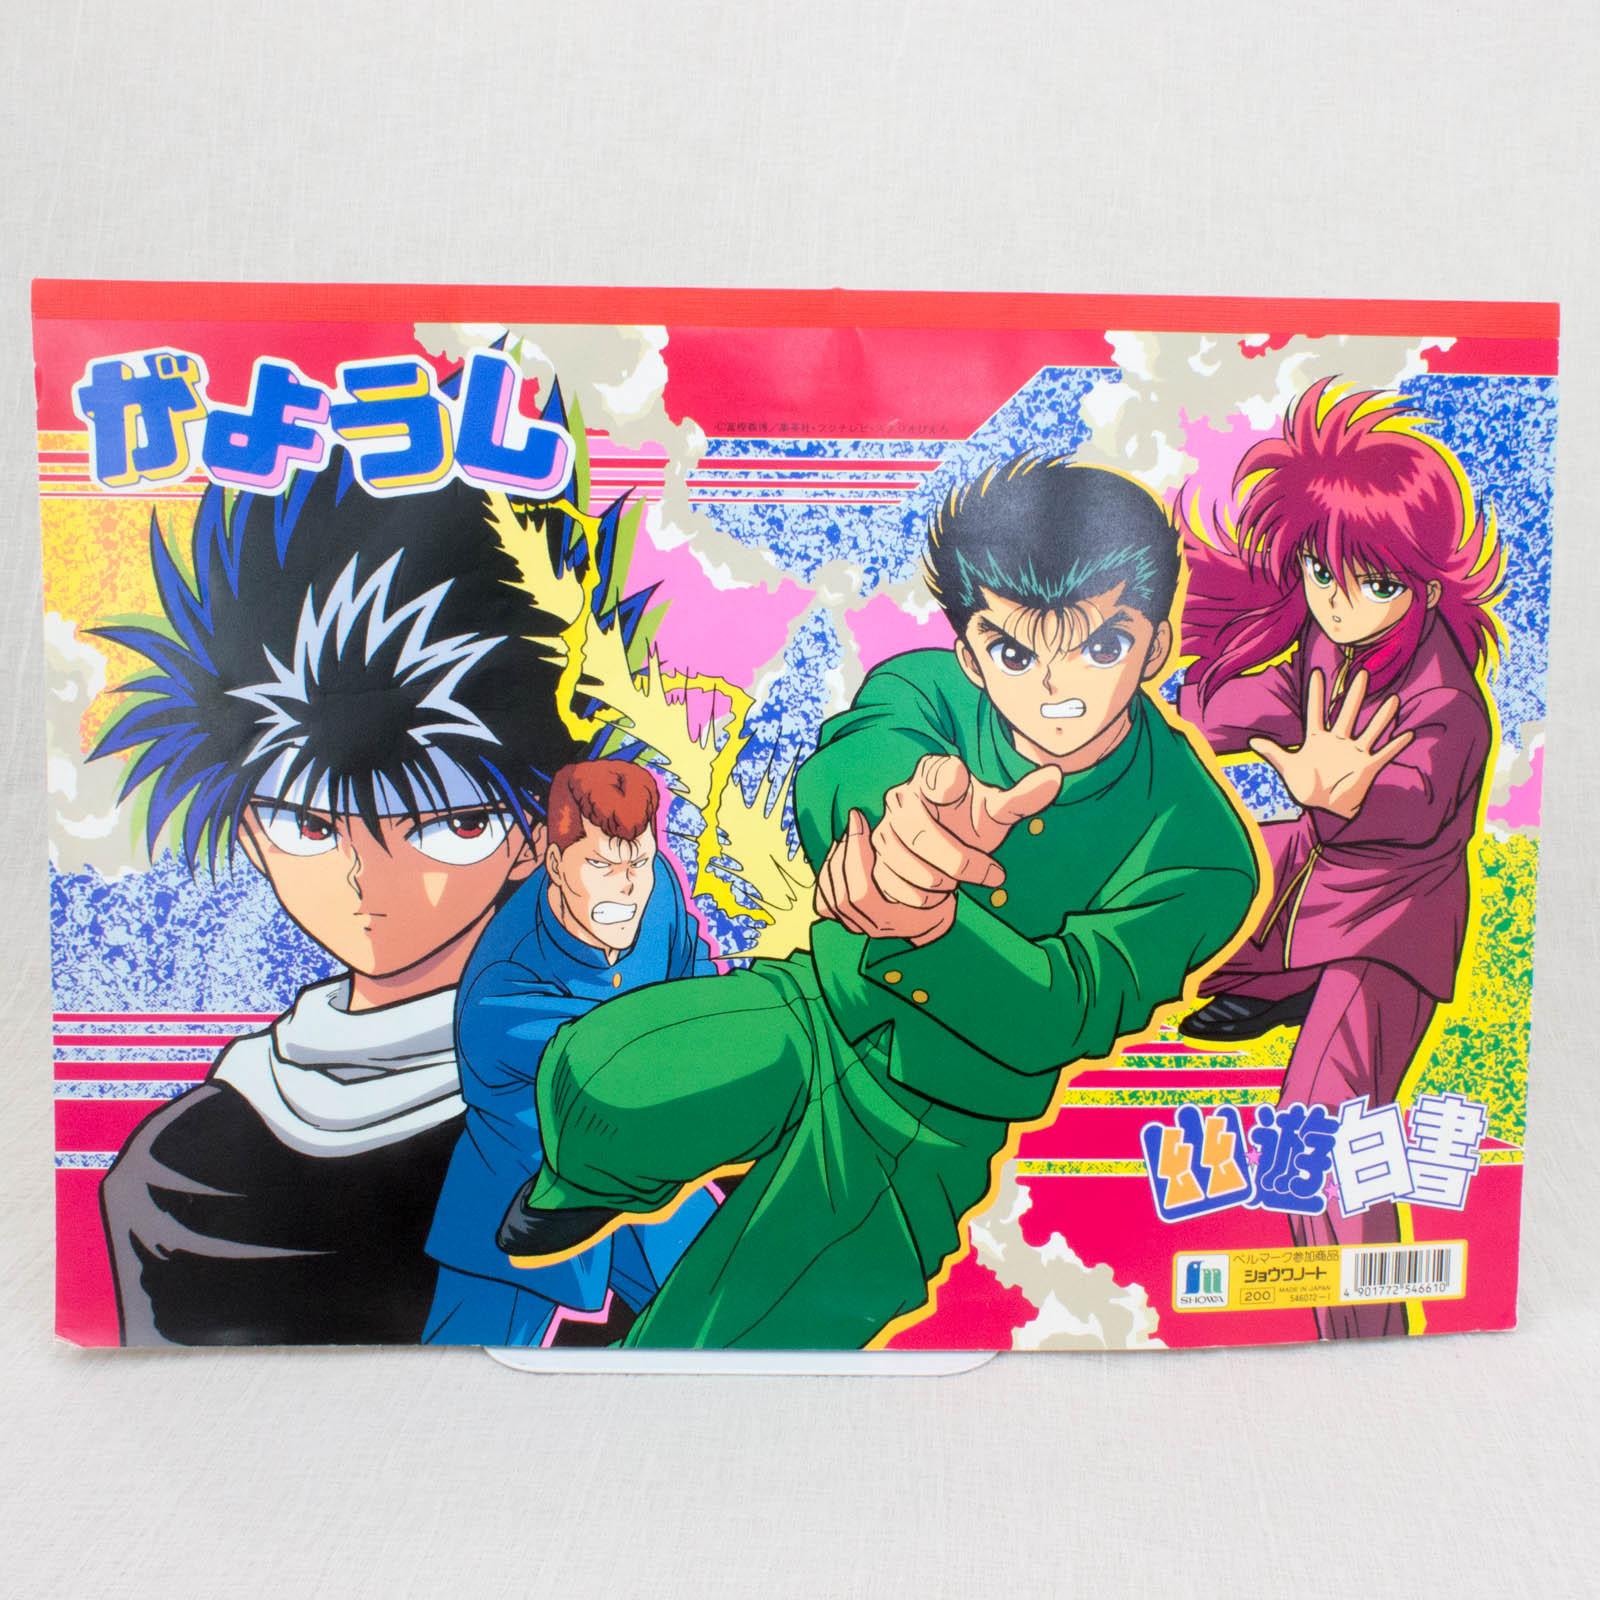 Retro Yu Yu Hakusho Sketch Book Showa Note JAPAN ANIME MANGA